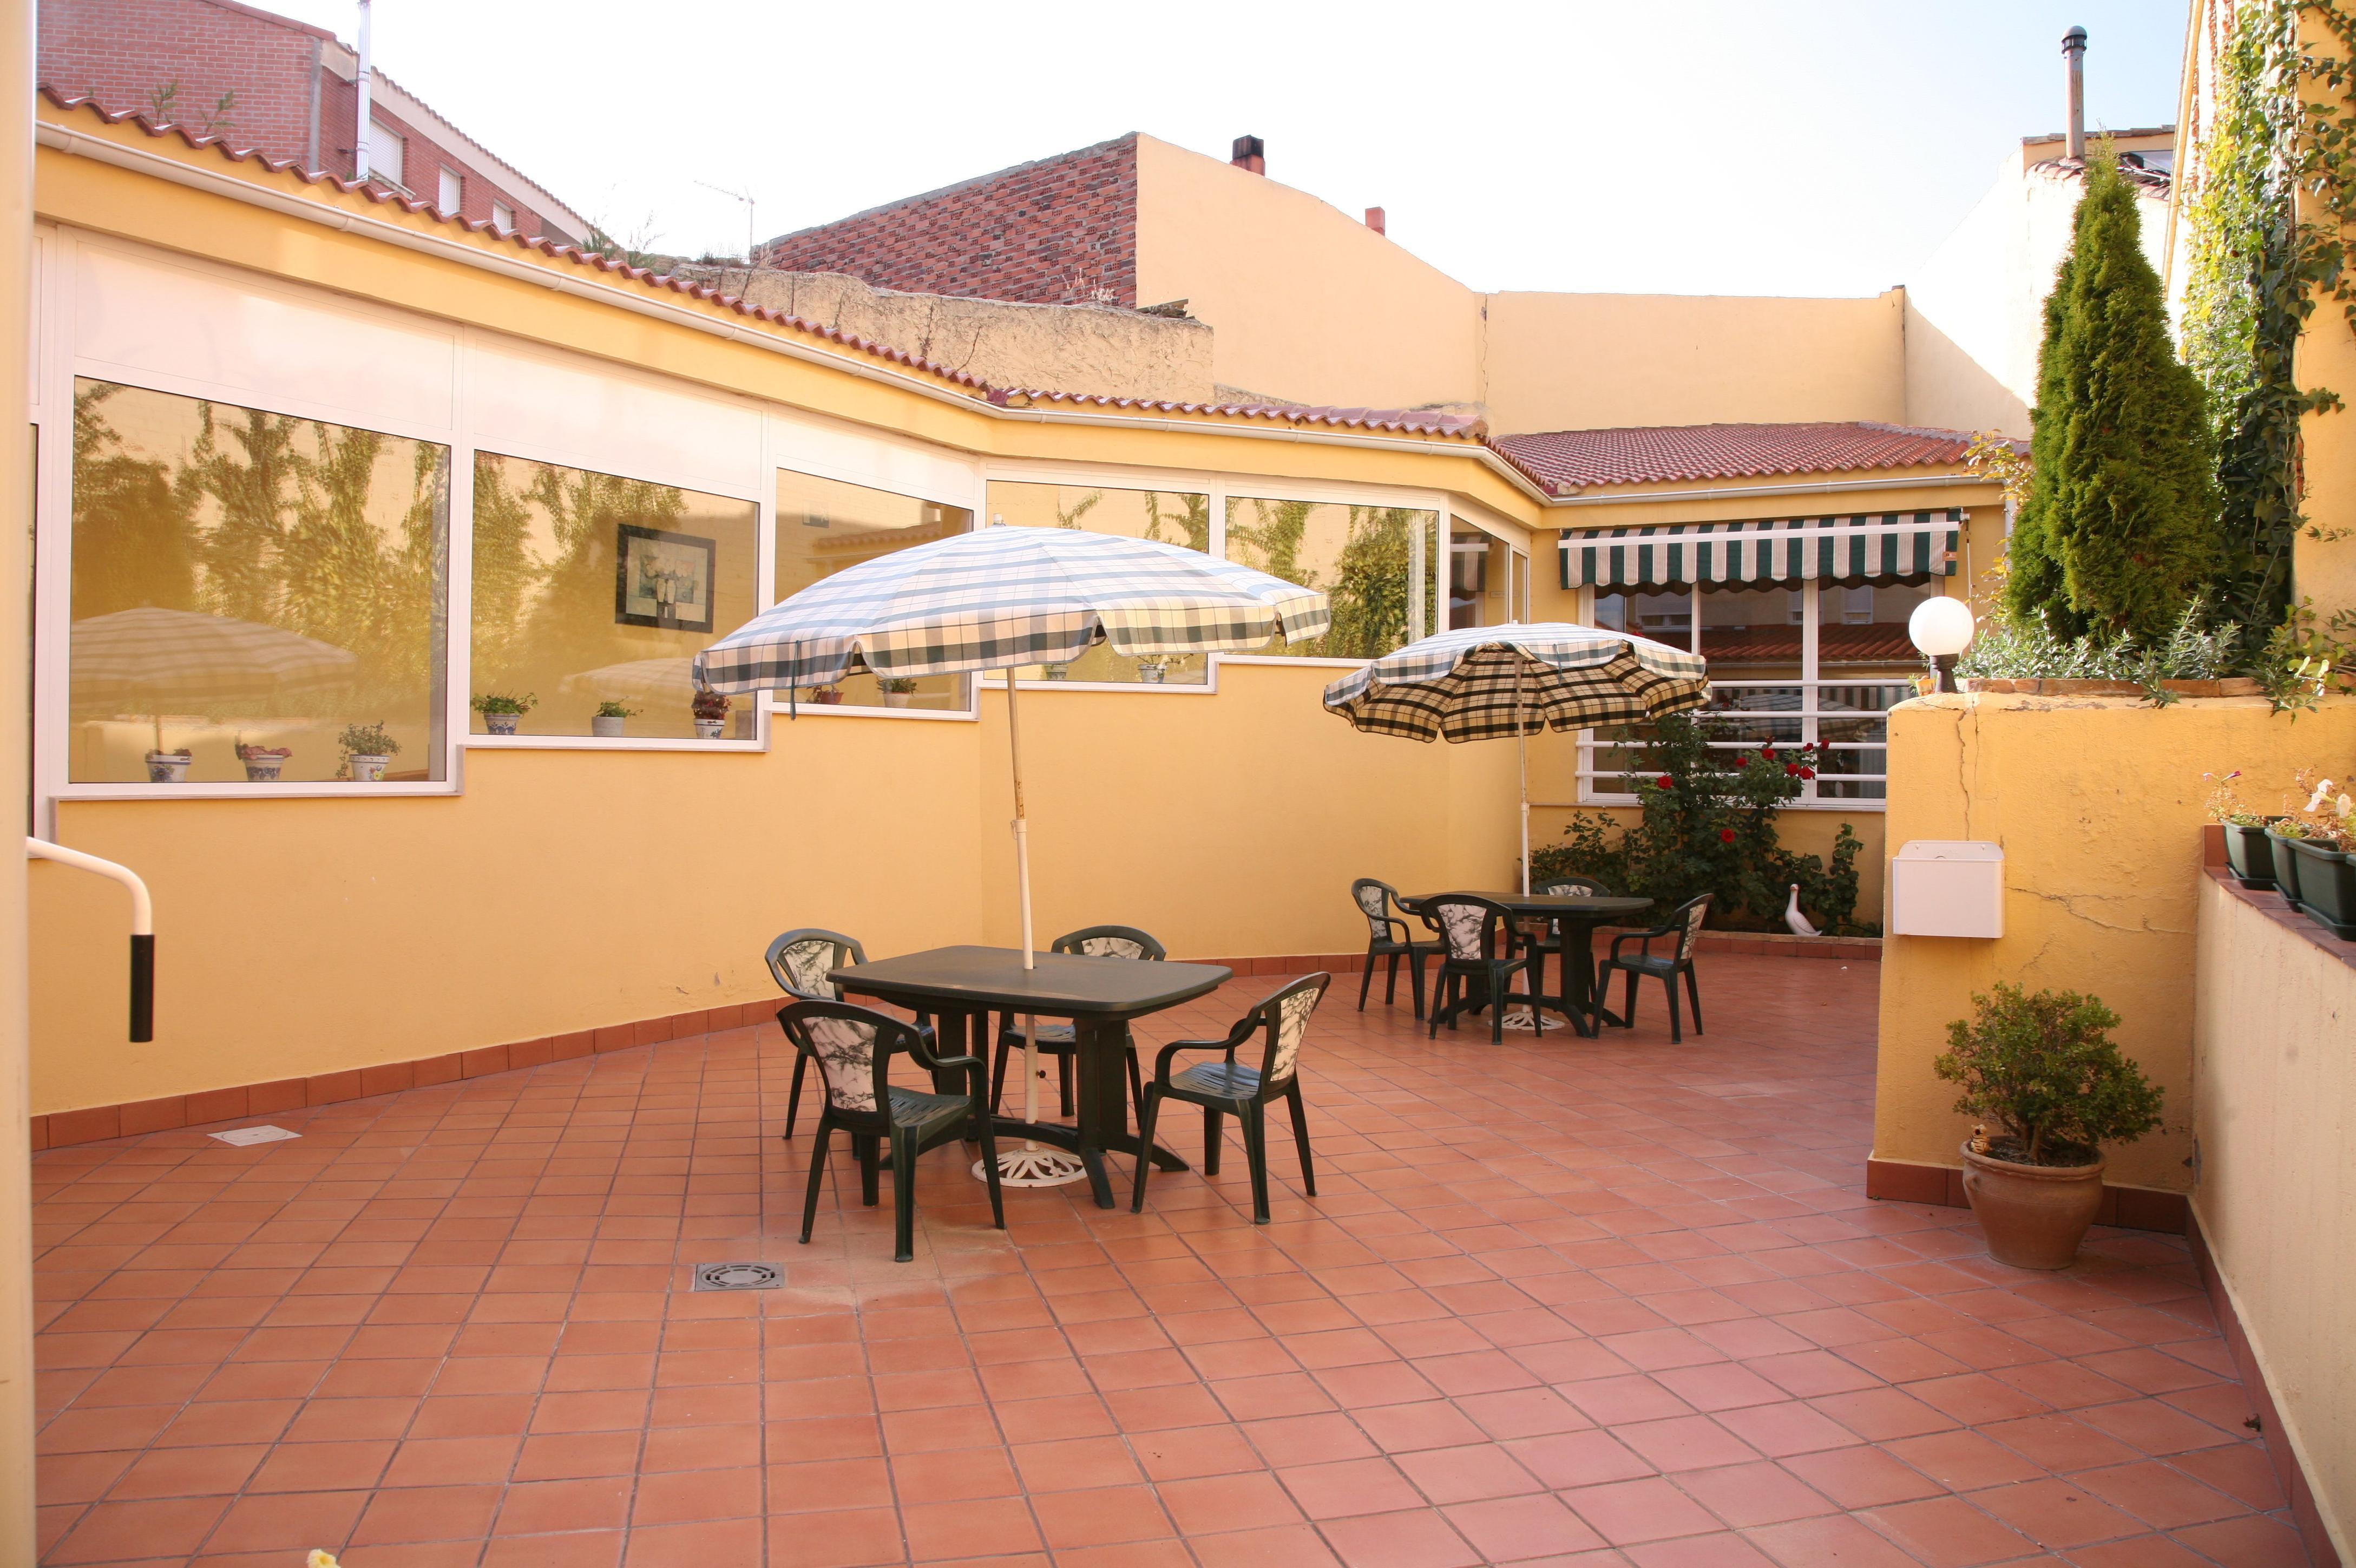 Foto 11 de Residencias geriátricas en Zaratán | Residencia para Personas Mayores Santa Ana